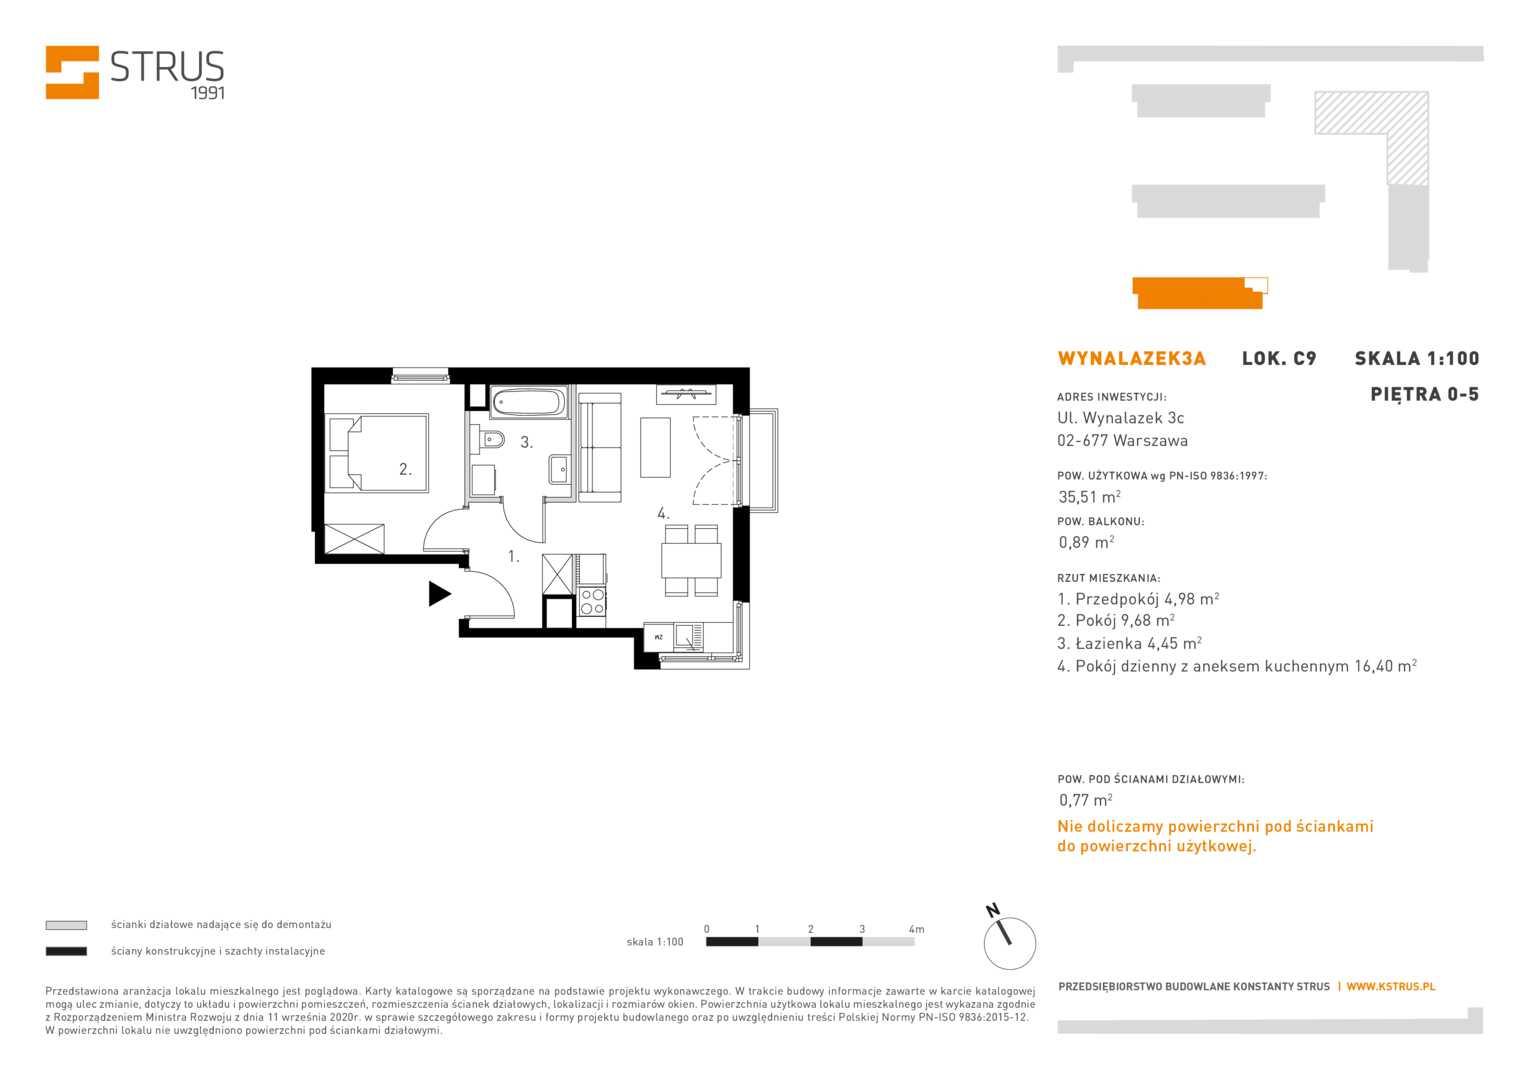 Mieszkanie w inwestycji: Wynalazek 3A